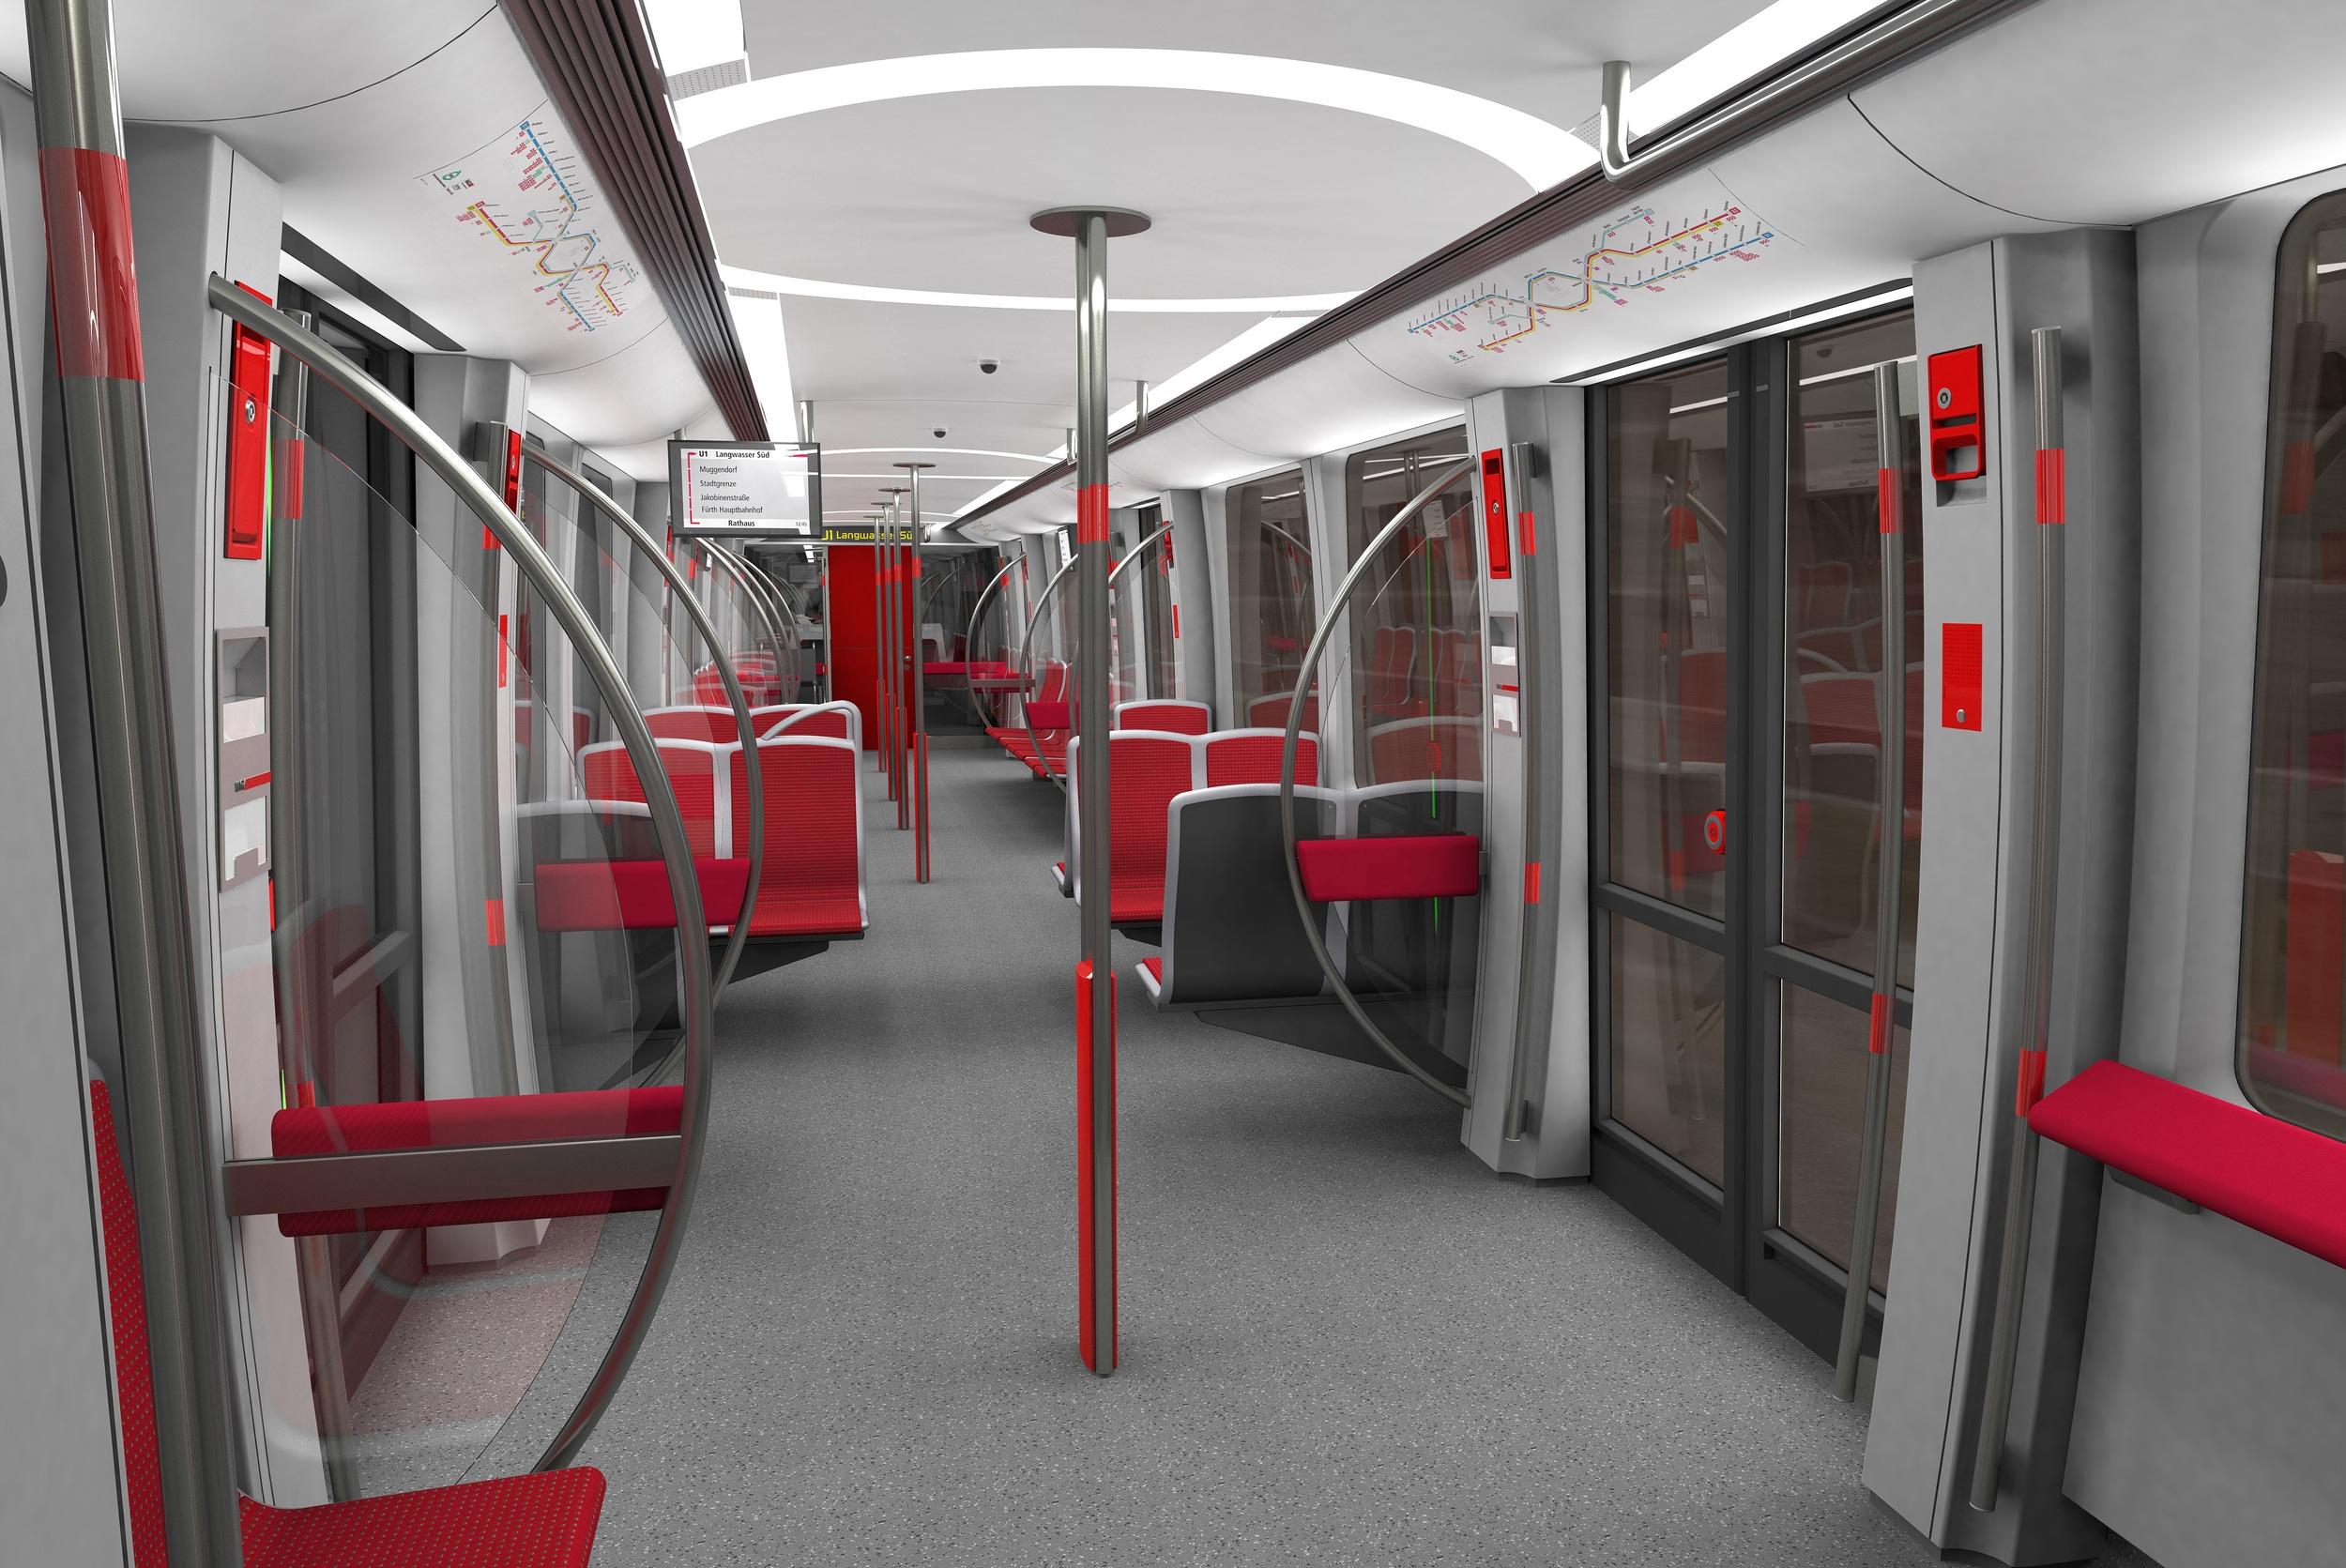 Dodávky metra G1 pro Norimberk by měly být dokončeny v polovině roku 2018. Celkem si dopravce VAG objednal 21 čtyřvozových vlaků. (zdroj: Siemens AG, ergon3design)